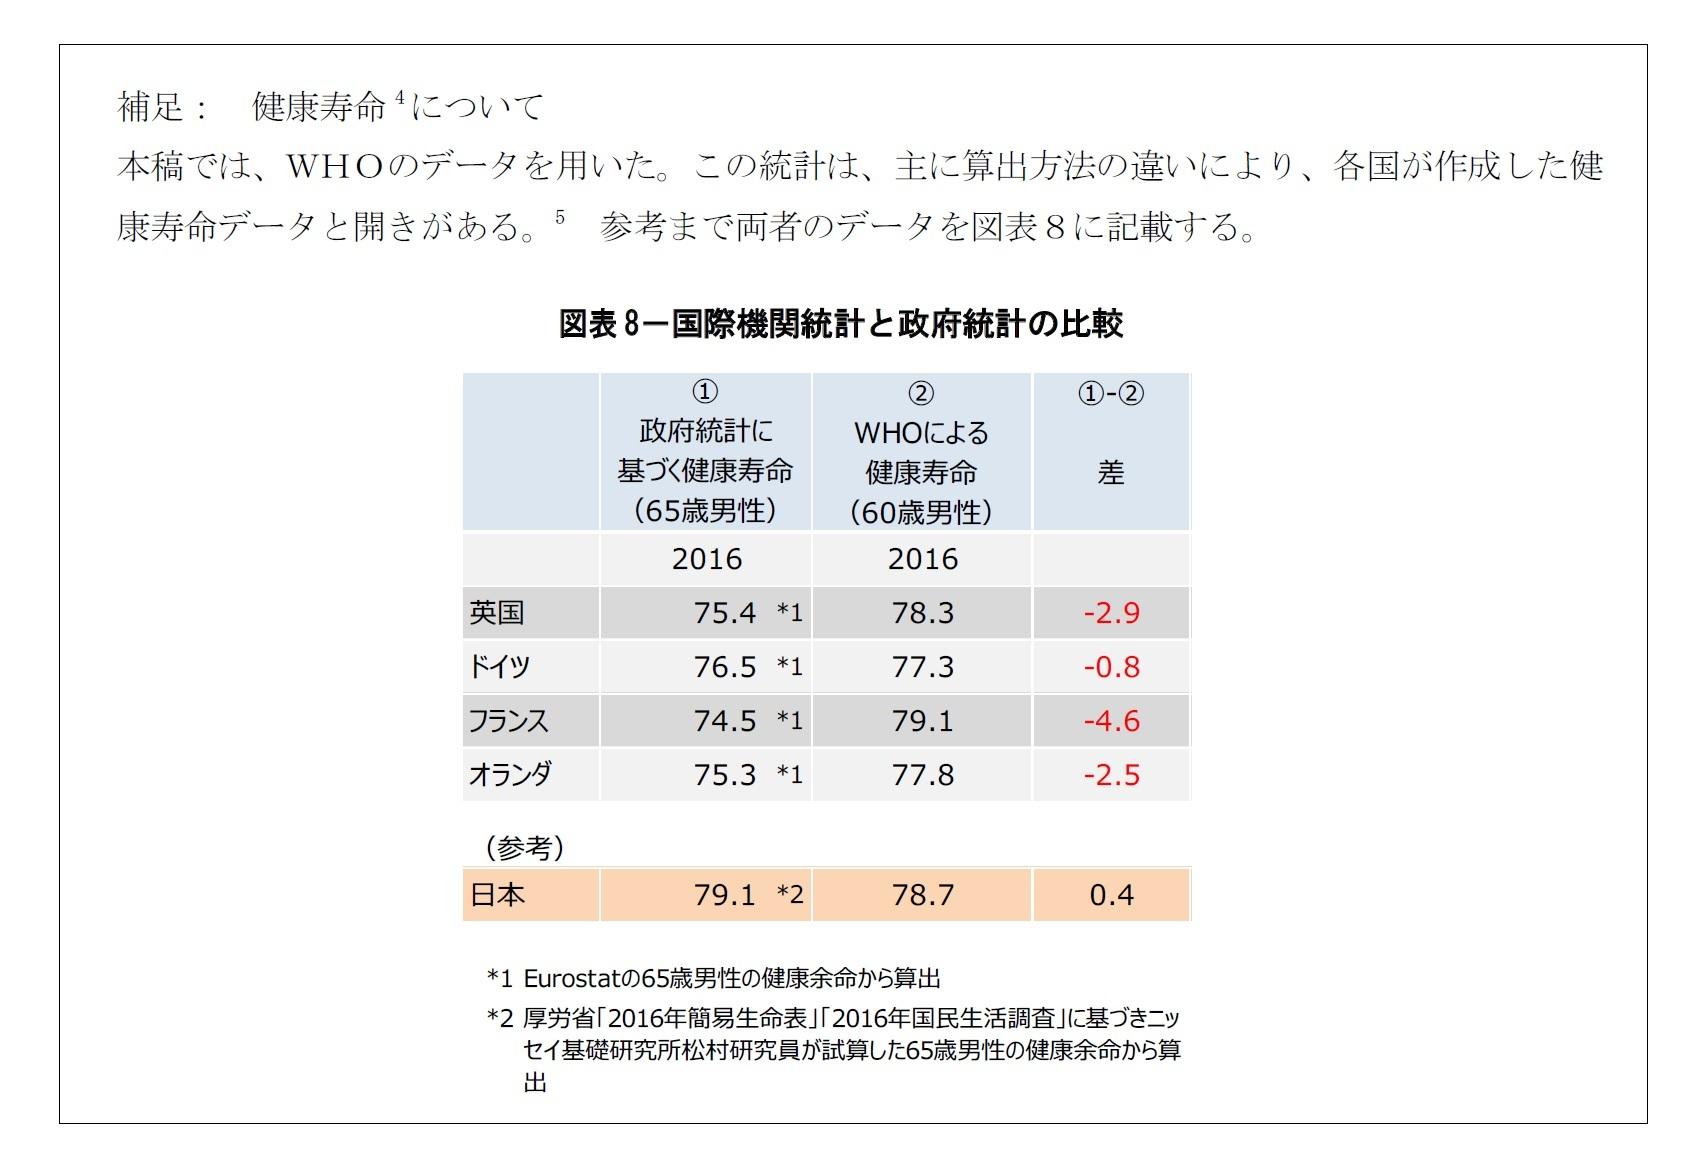 図表8-国際機関統計と政府統計の比較